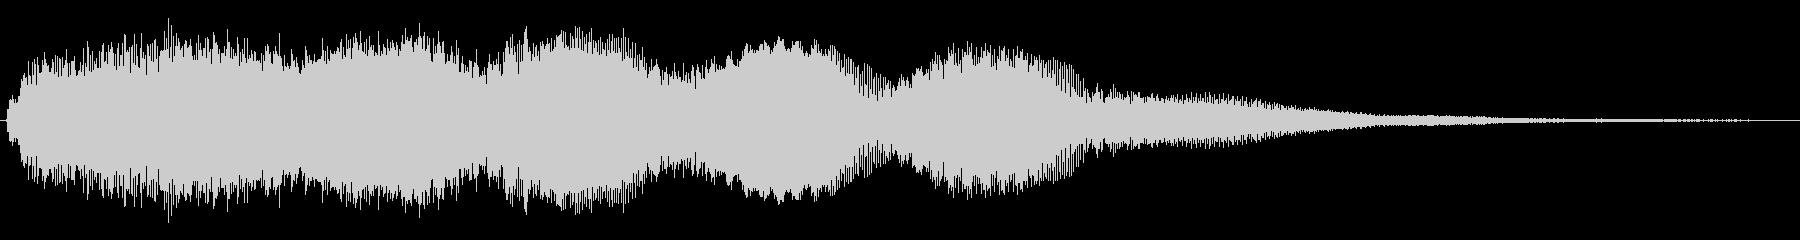 レトロ起動ジャーン/分厚い和音ME7の未再生の波形